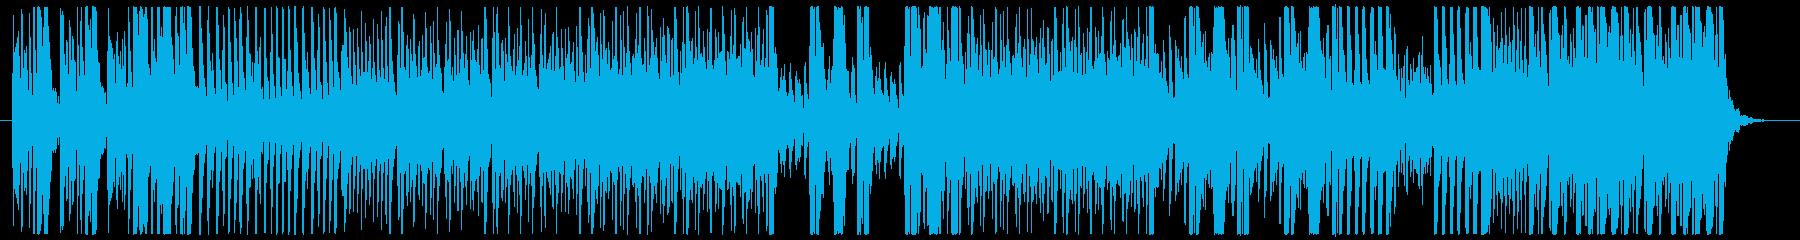 サンバ風のリズムの再生済みの波形